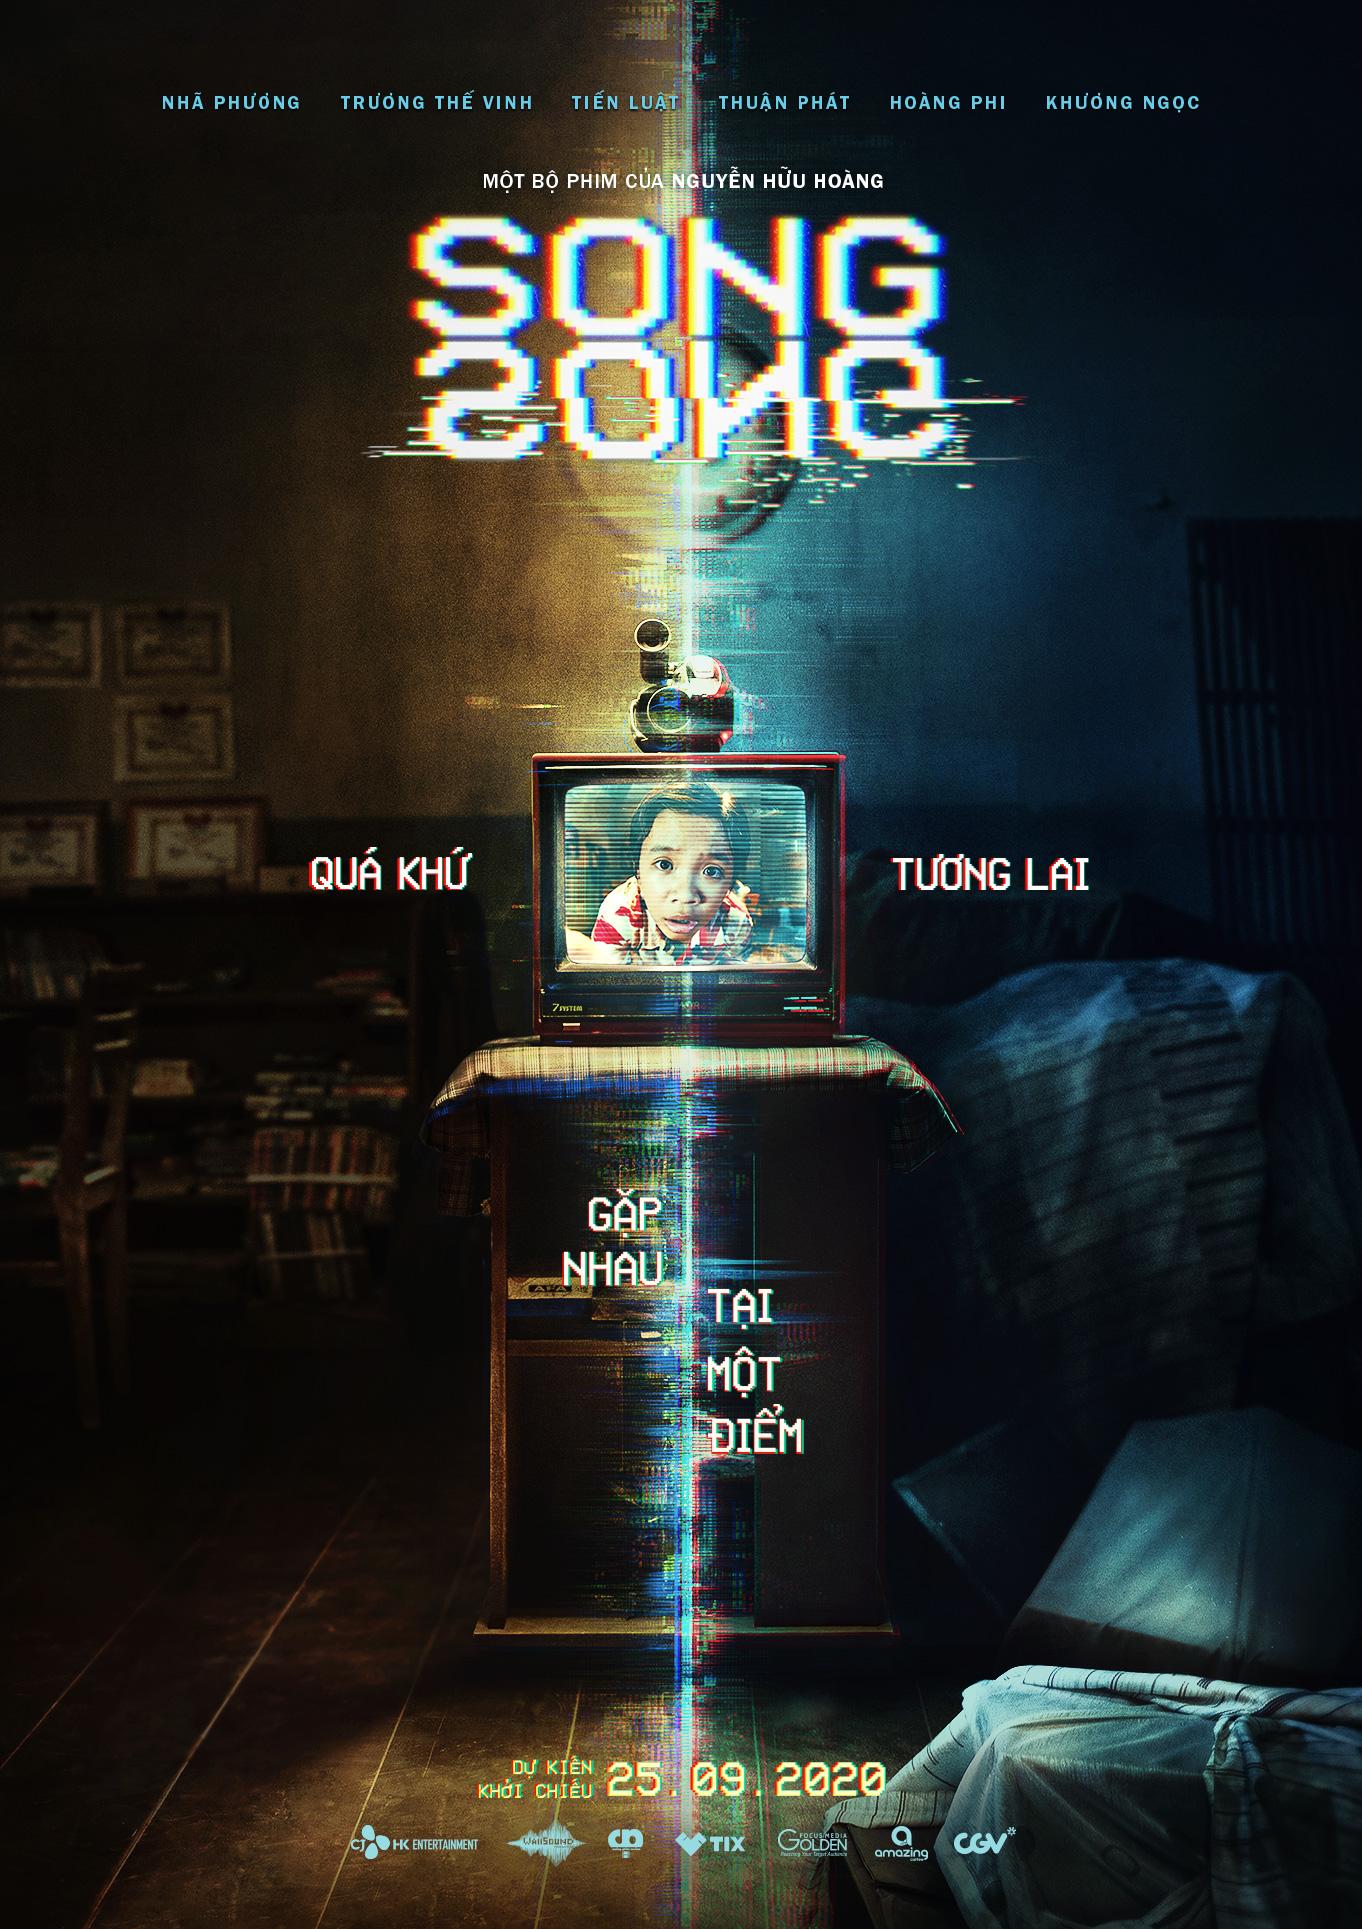 Poster của Song Song gợi nhiều tò mò